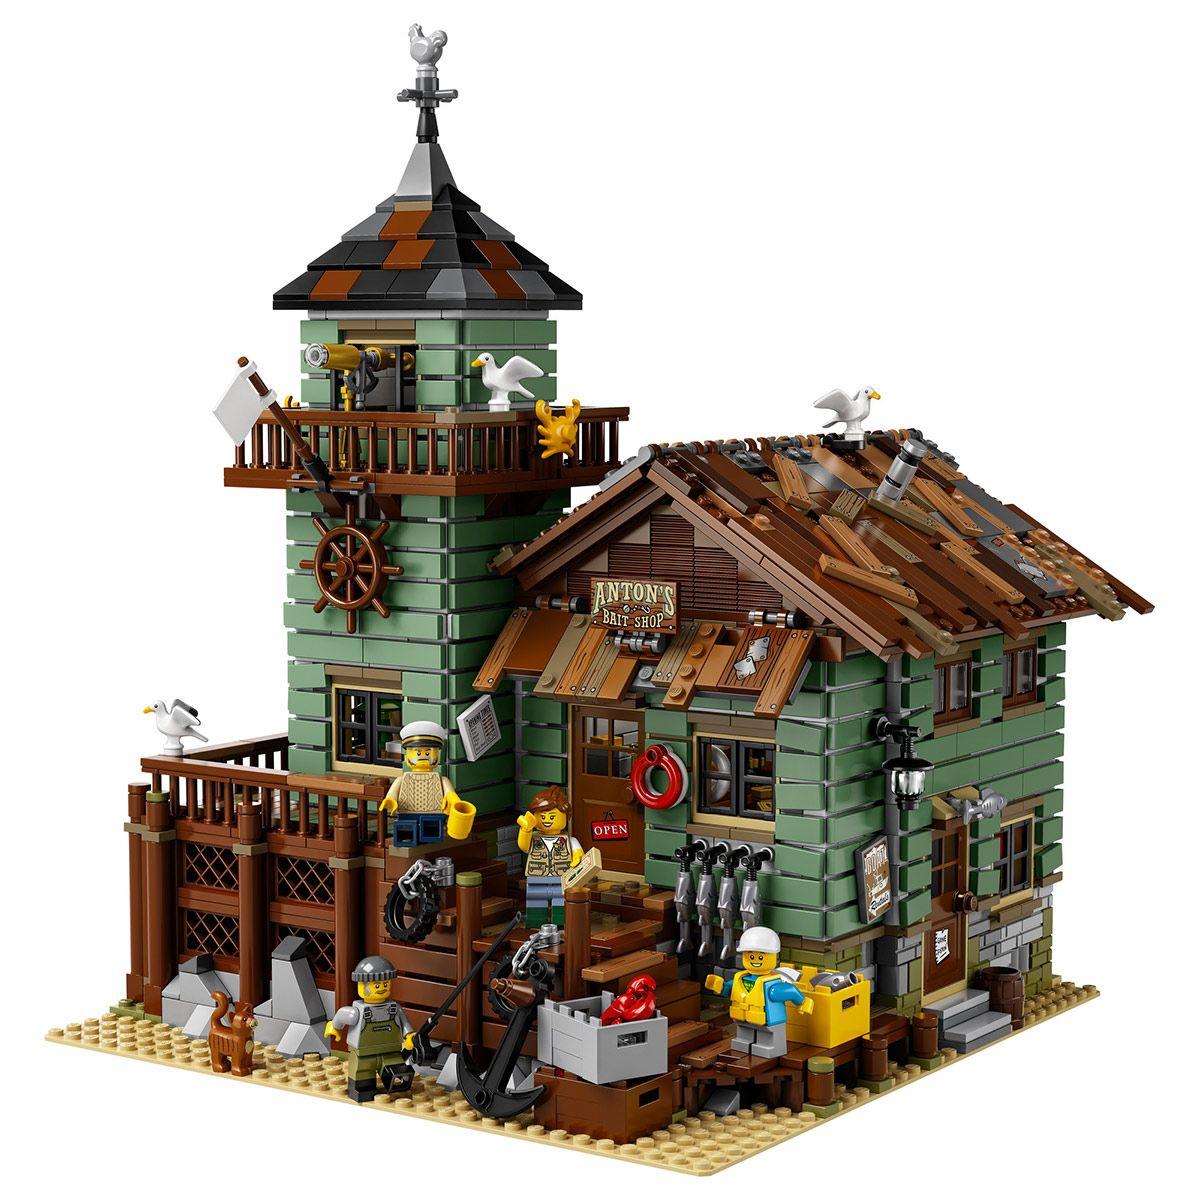 Construction Ideas 21310 Magasin De Pêche Le En Lego Jeux Vieux qMVjzpLSUG